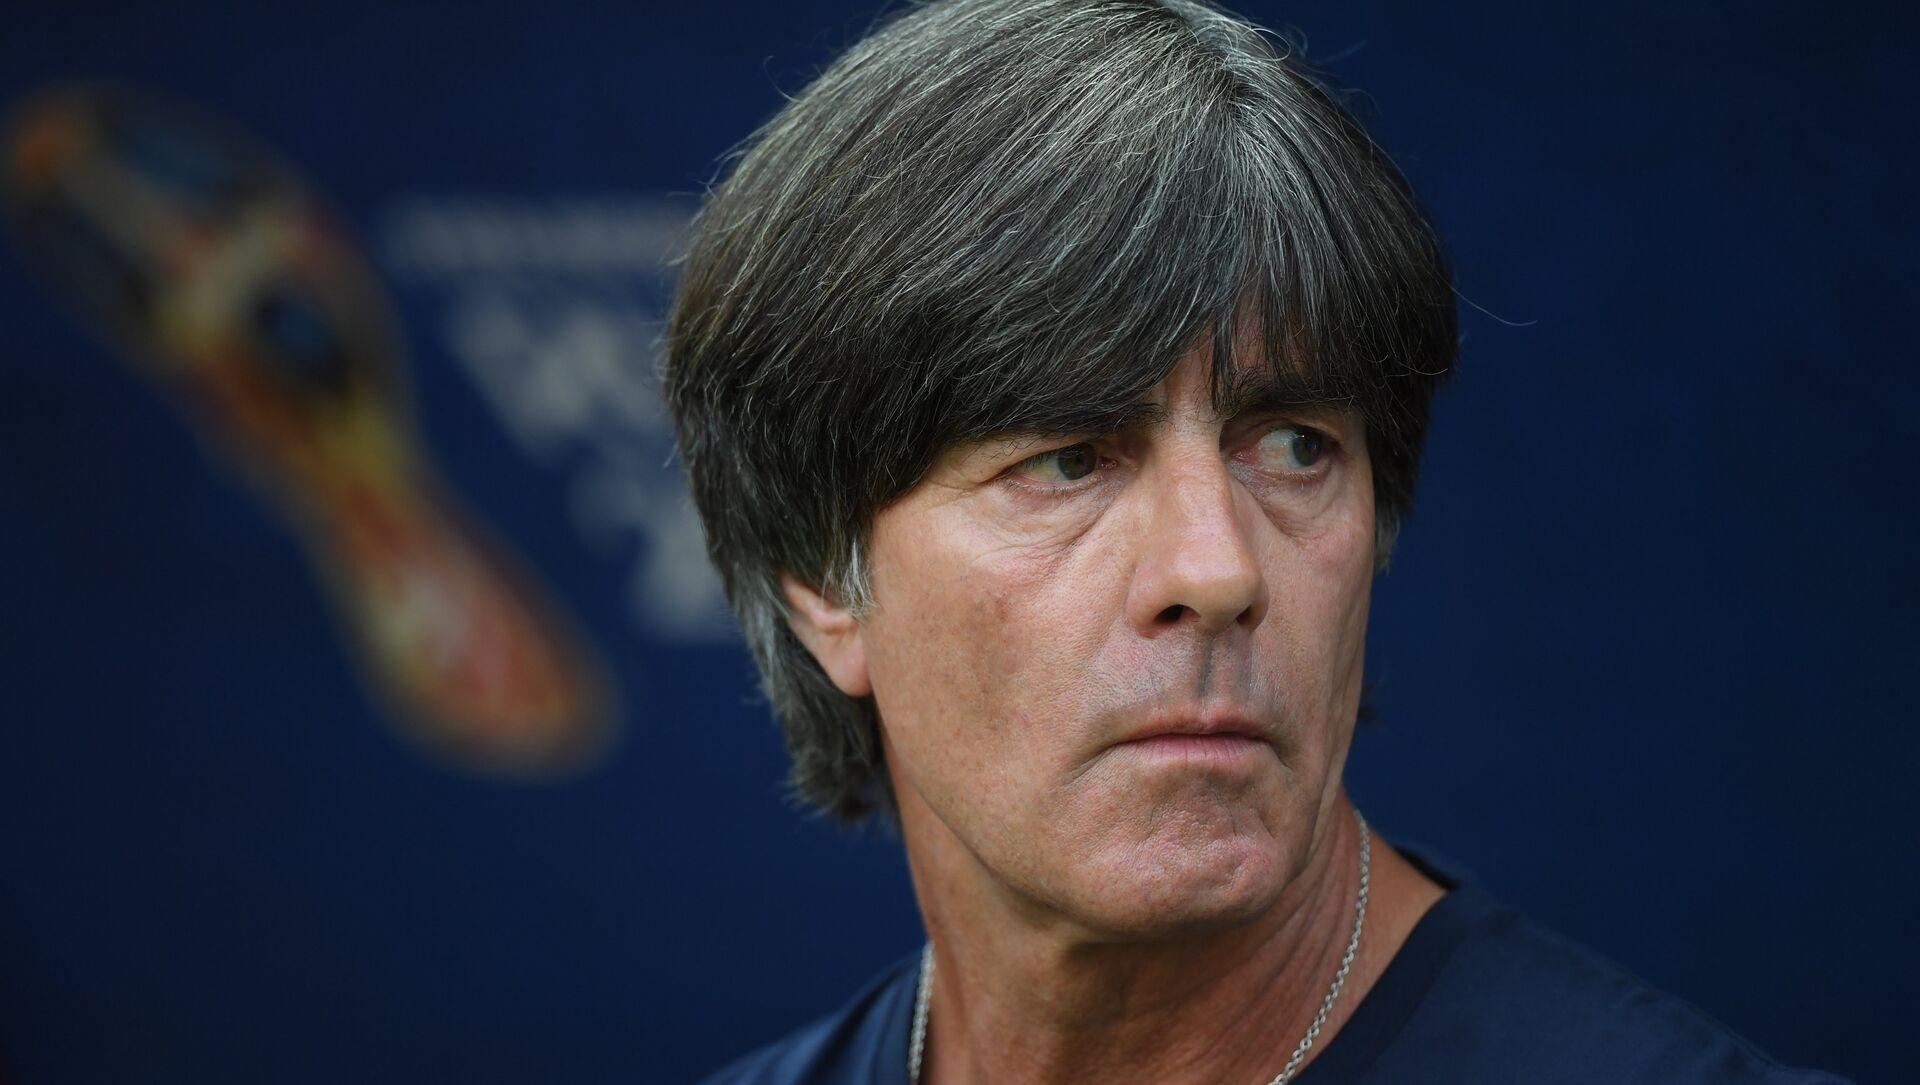 Huấn luyện viên quốc gia Đức Joachim Low trước trận đấu giữa Đức và Hàn Quốc ở Kazan - Sputnik Việt Nam, 1920, 10.03.2021